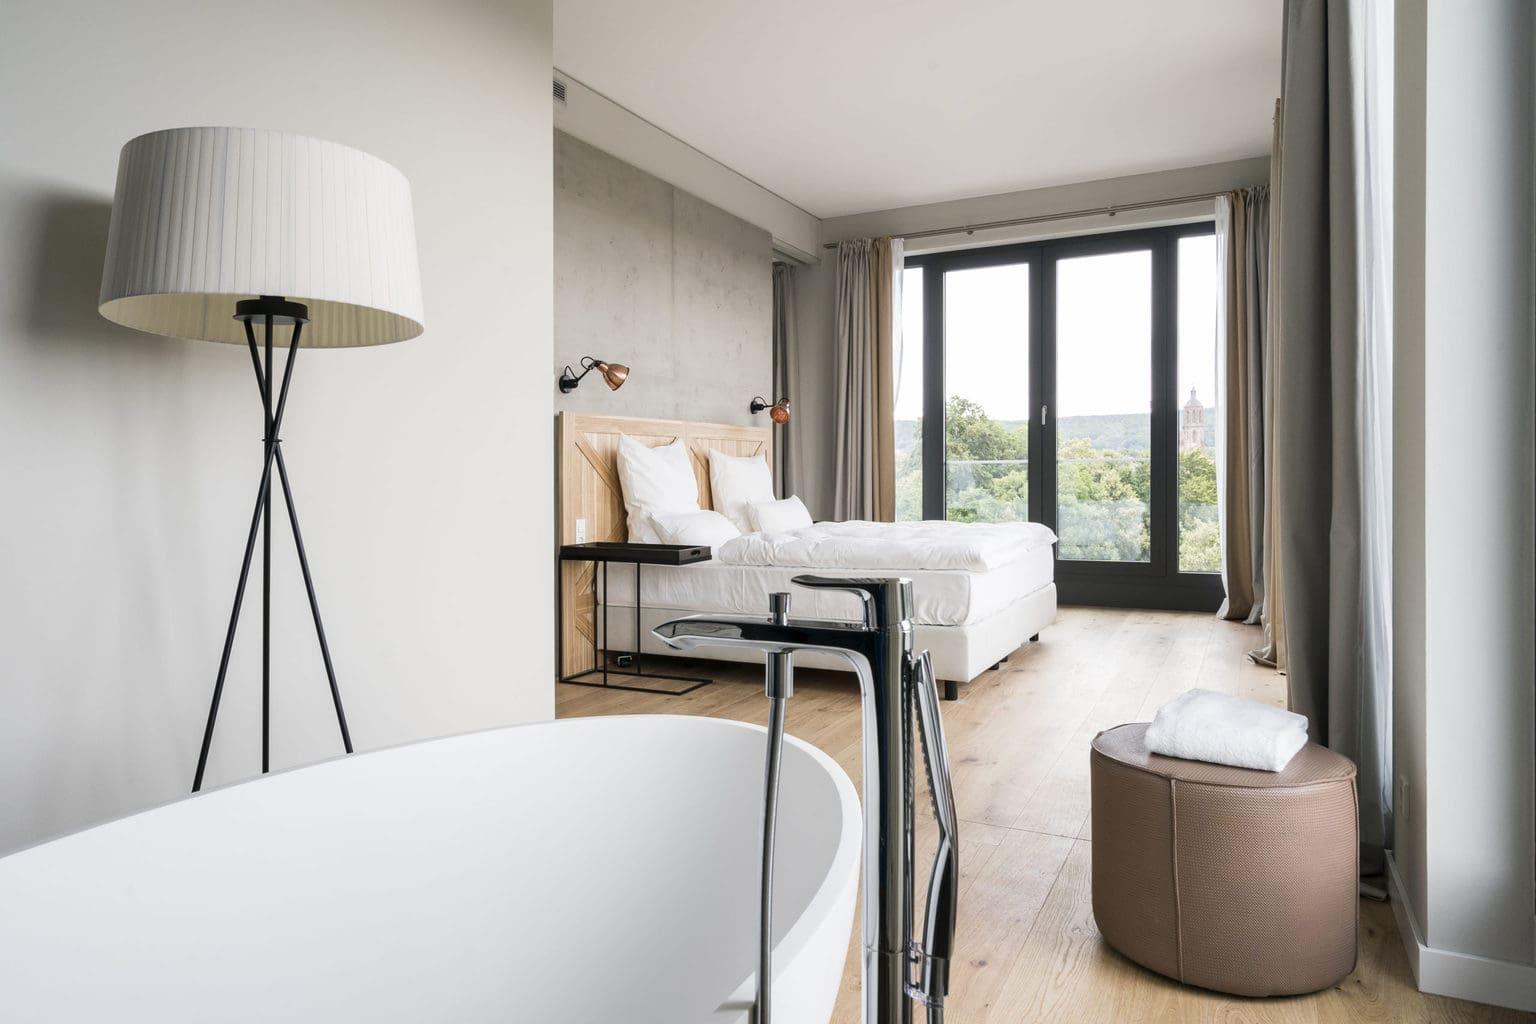 Kamer met vrij staande badkuip in designhotel Freigeist in Göttingen